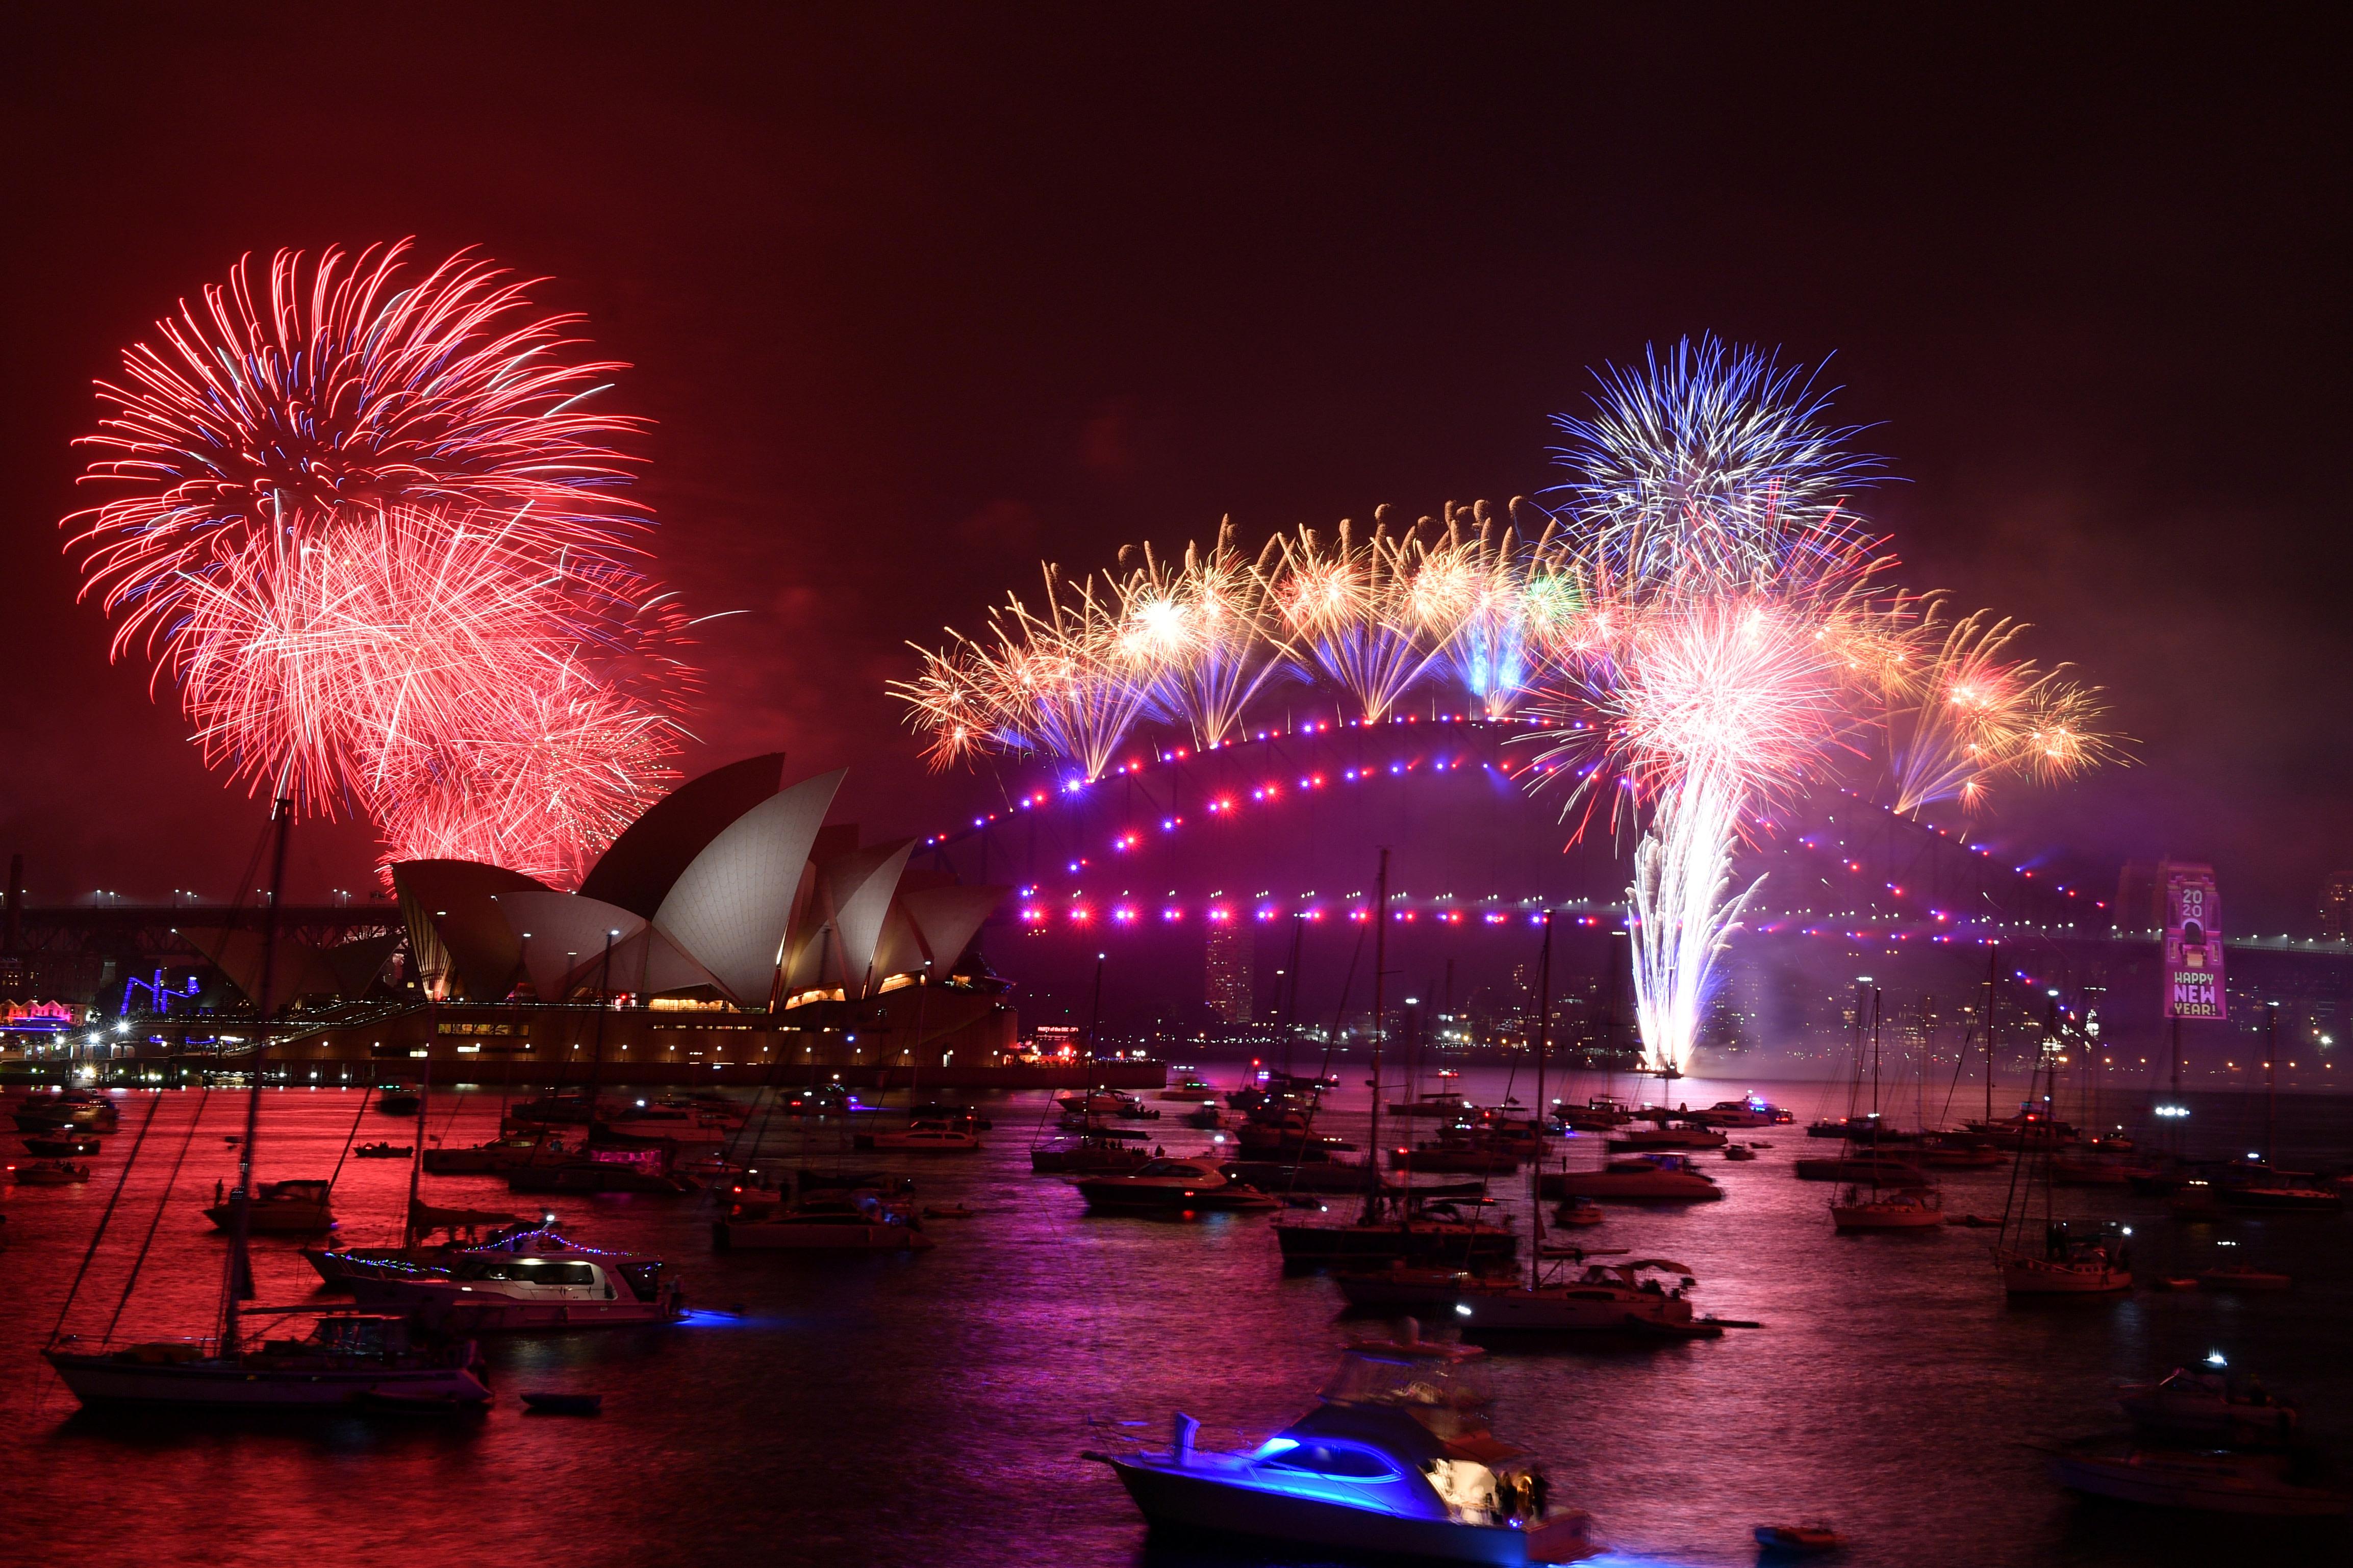 חגיגות השנה החדשה באוסטרליה. צילום: רויטרס